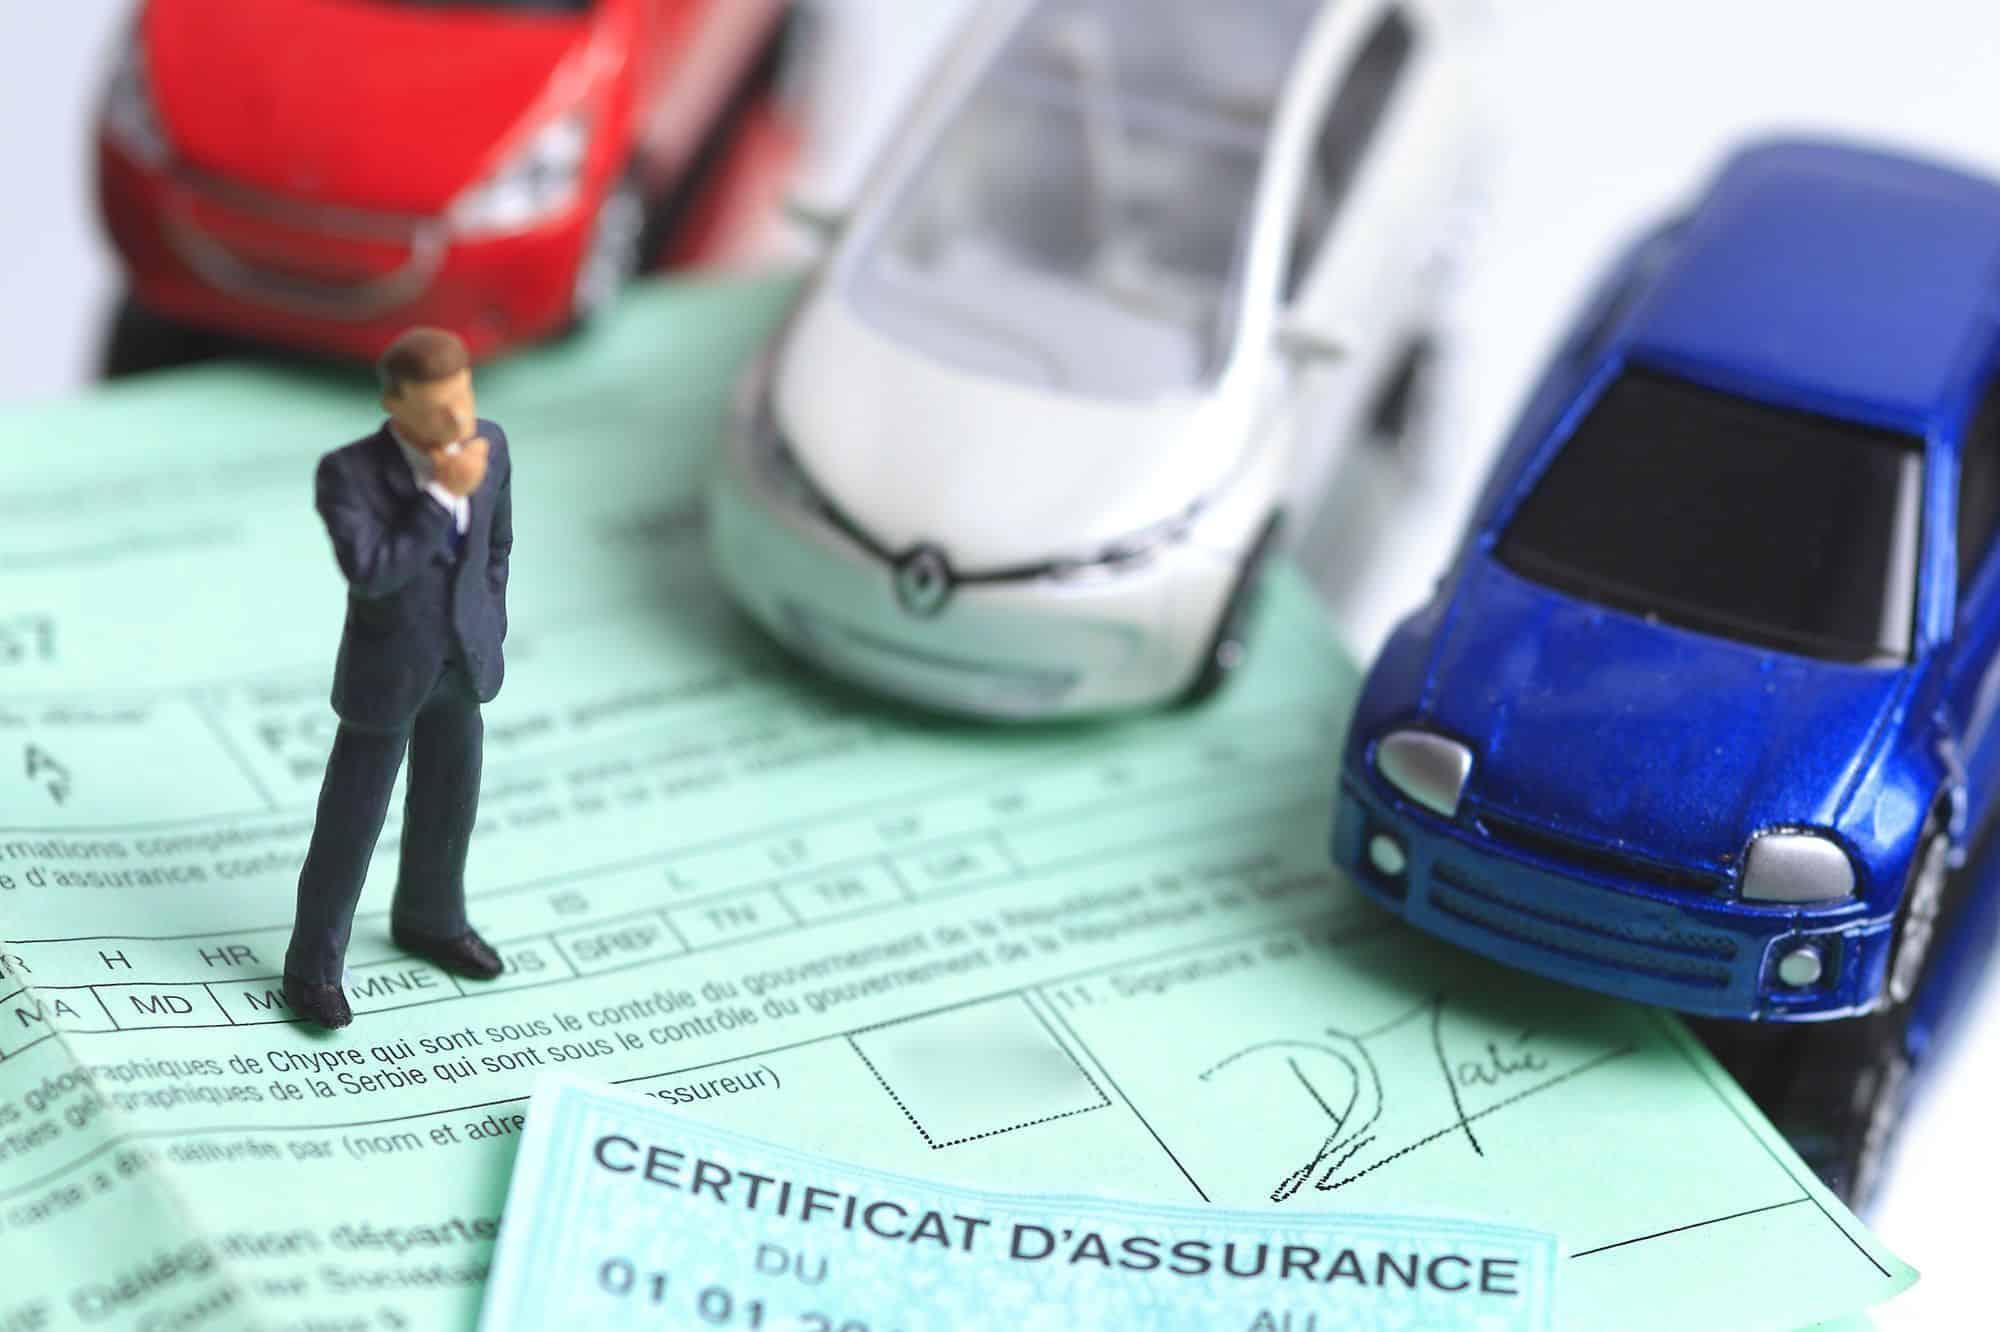 Assurance biens professionnels : quelles sont les modalités d'adhésion ?